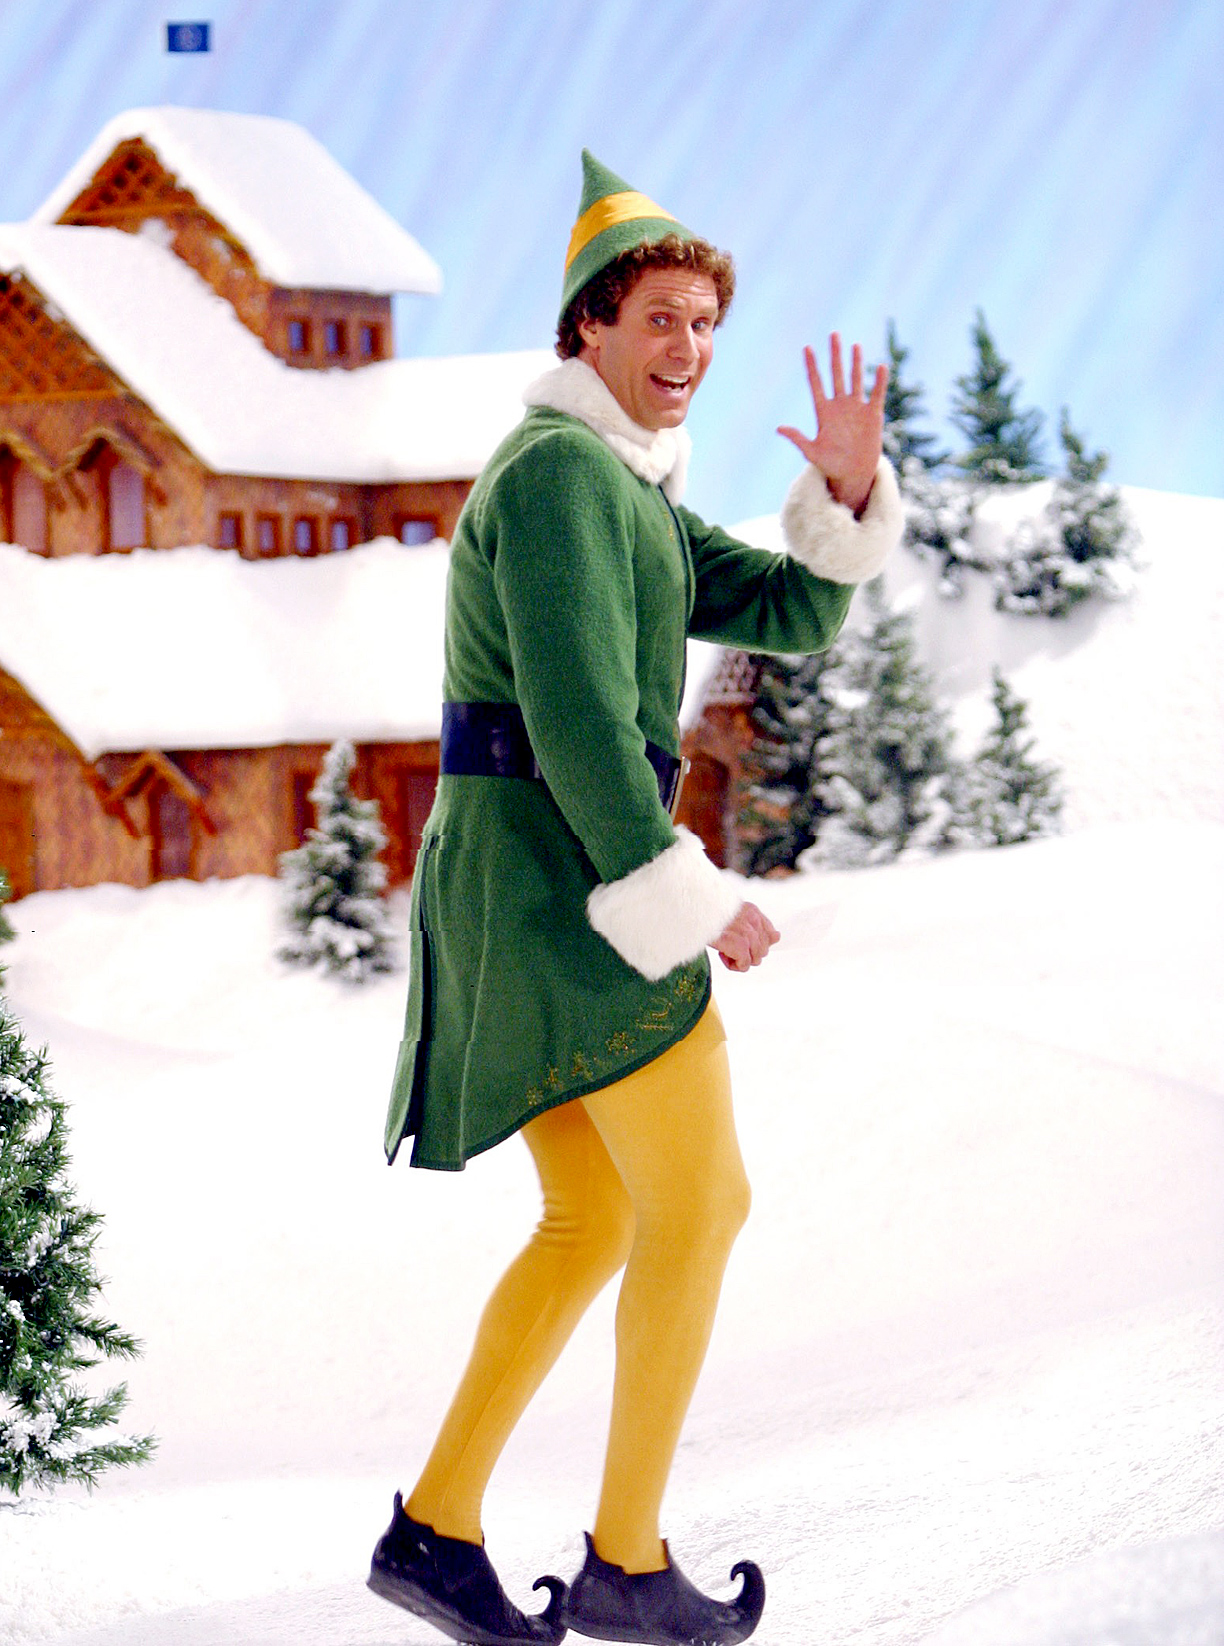 Buddy, Elf (2003)